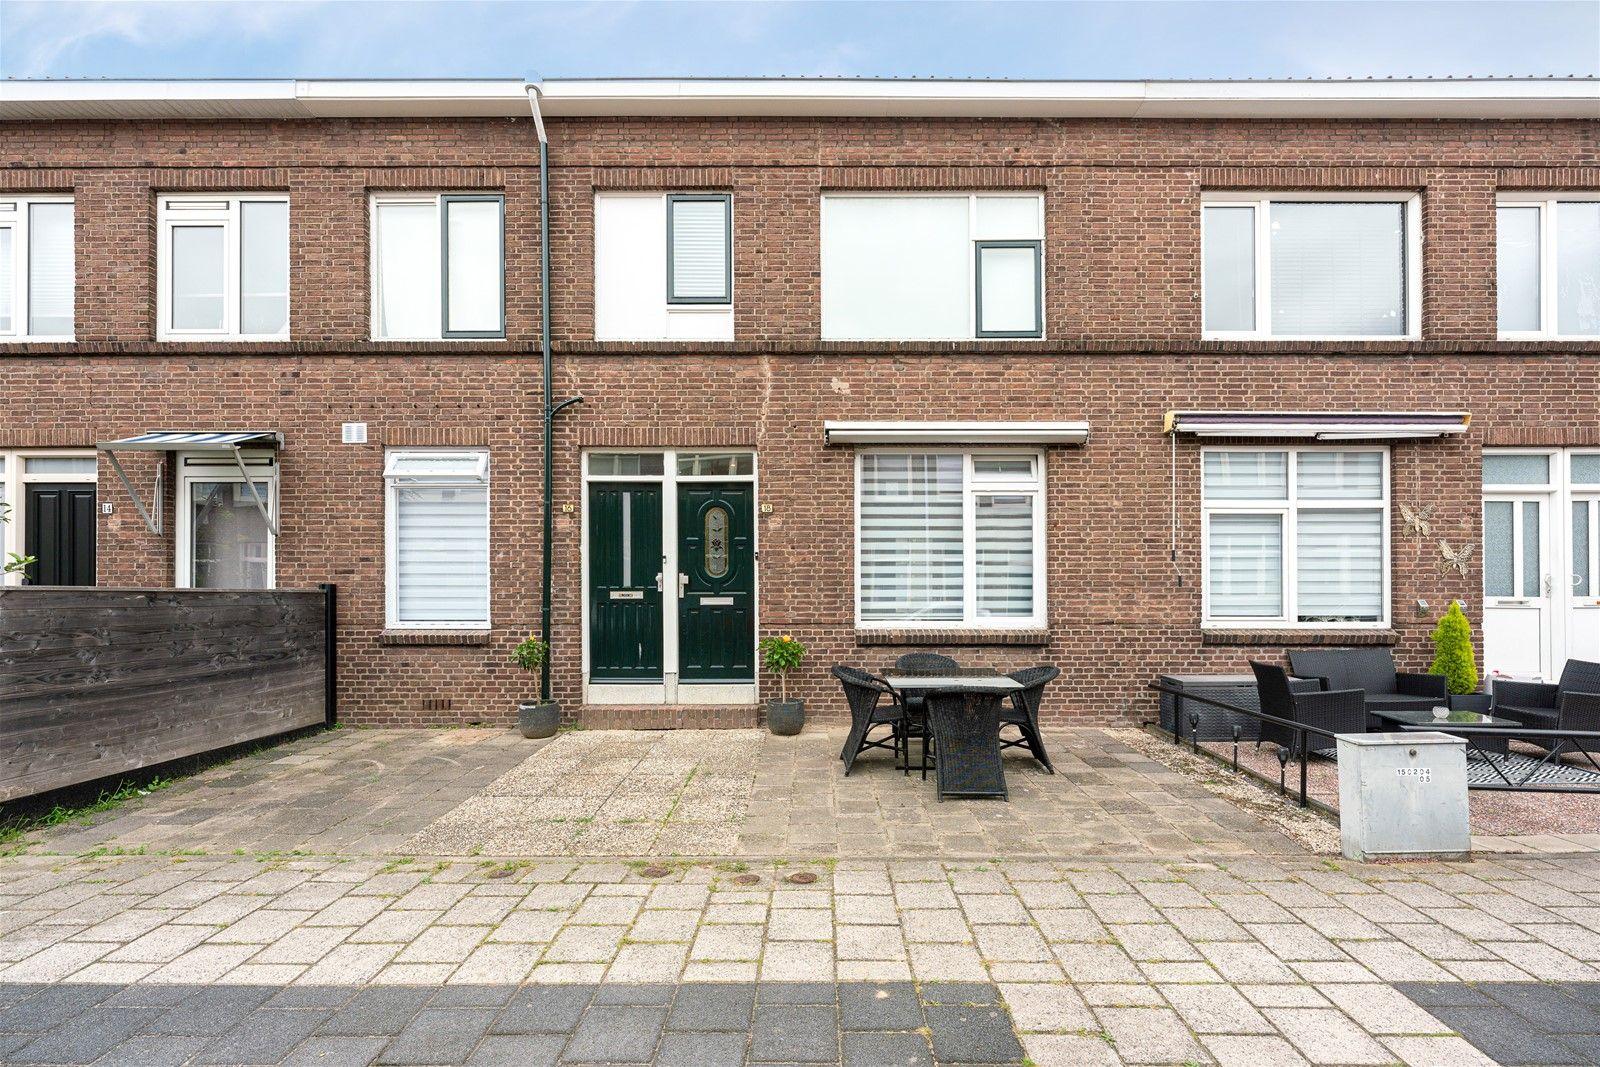 Camphuijzenstraat 18, Dordrecht